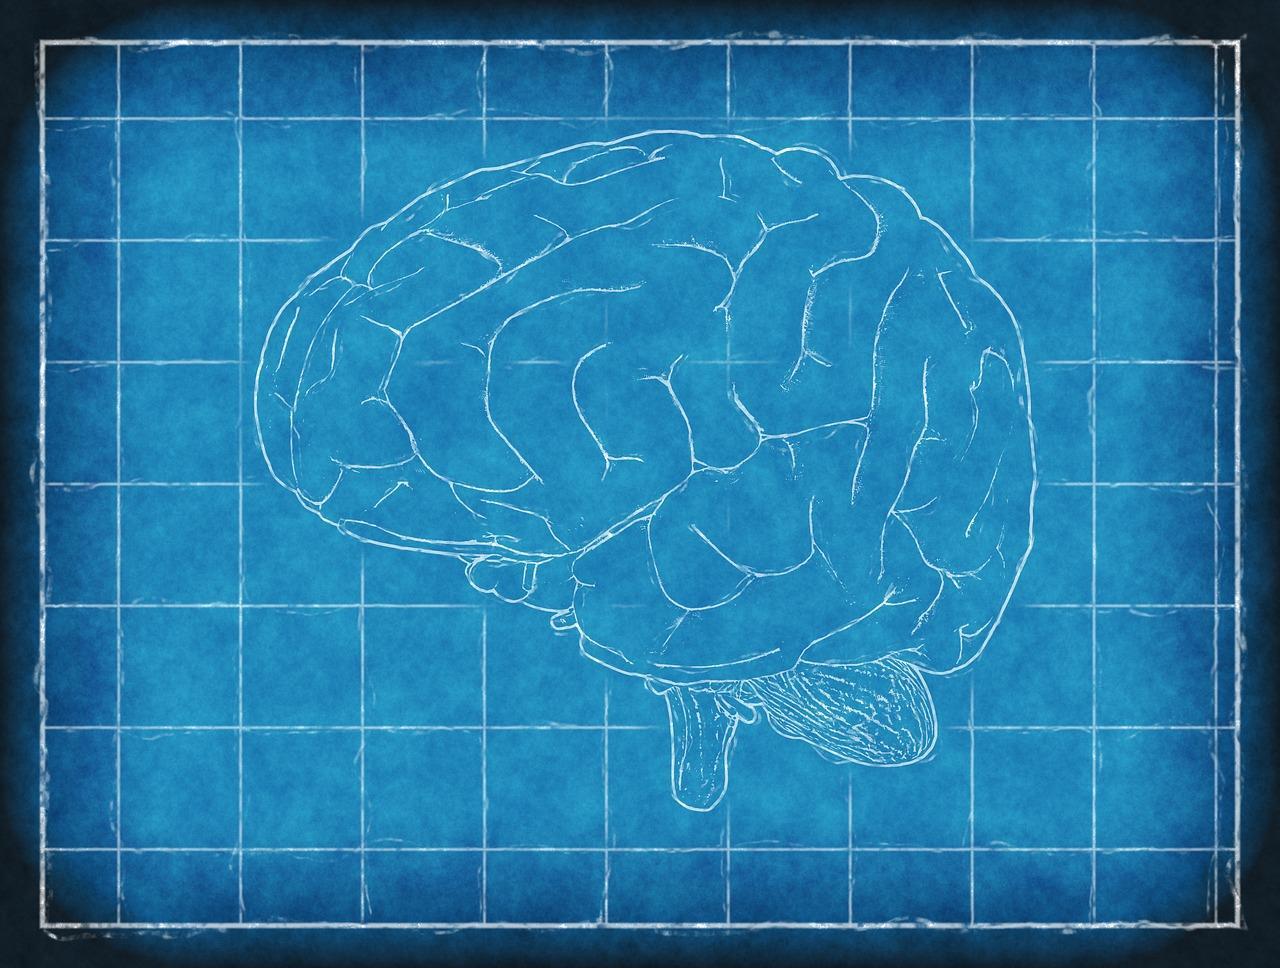 くも膜下出血・脳卒中(脳梗塞・脳出血)の緩和ケアを解説